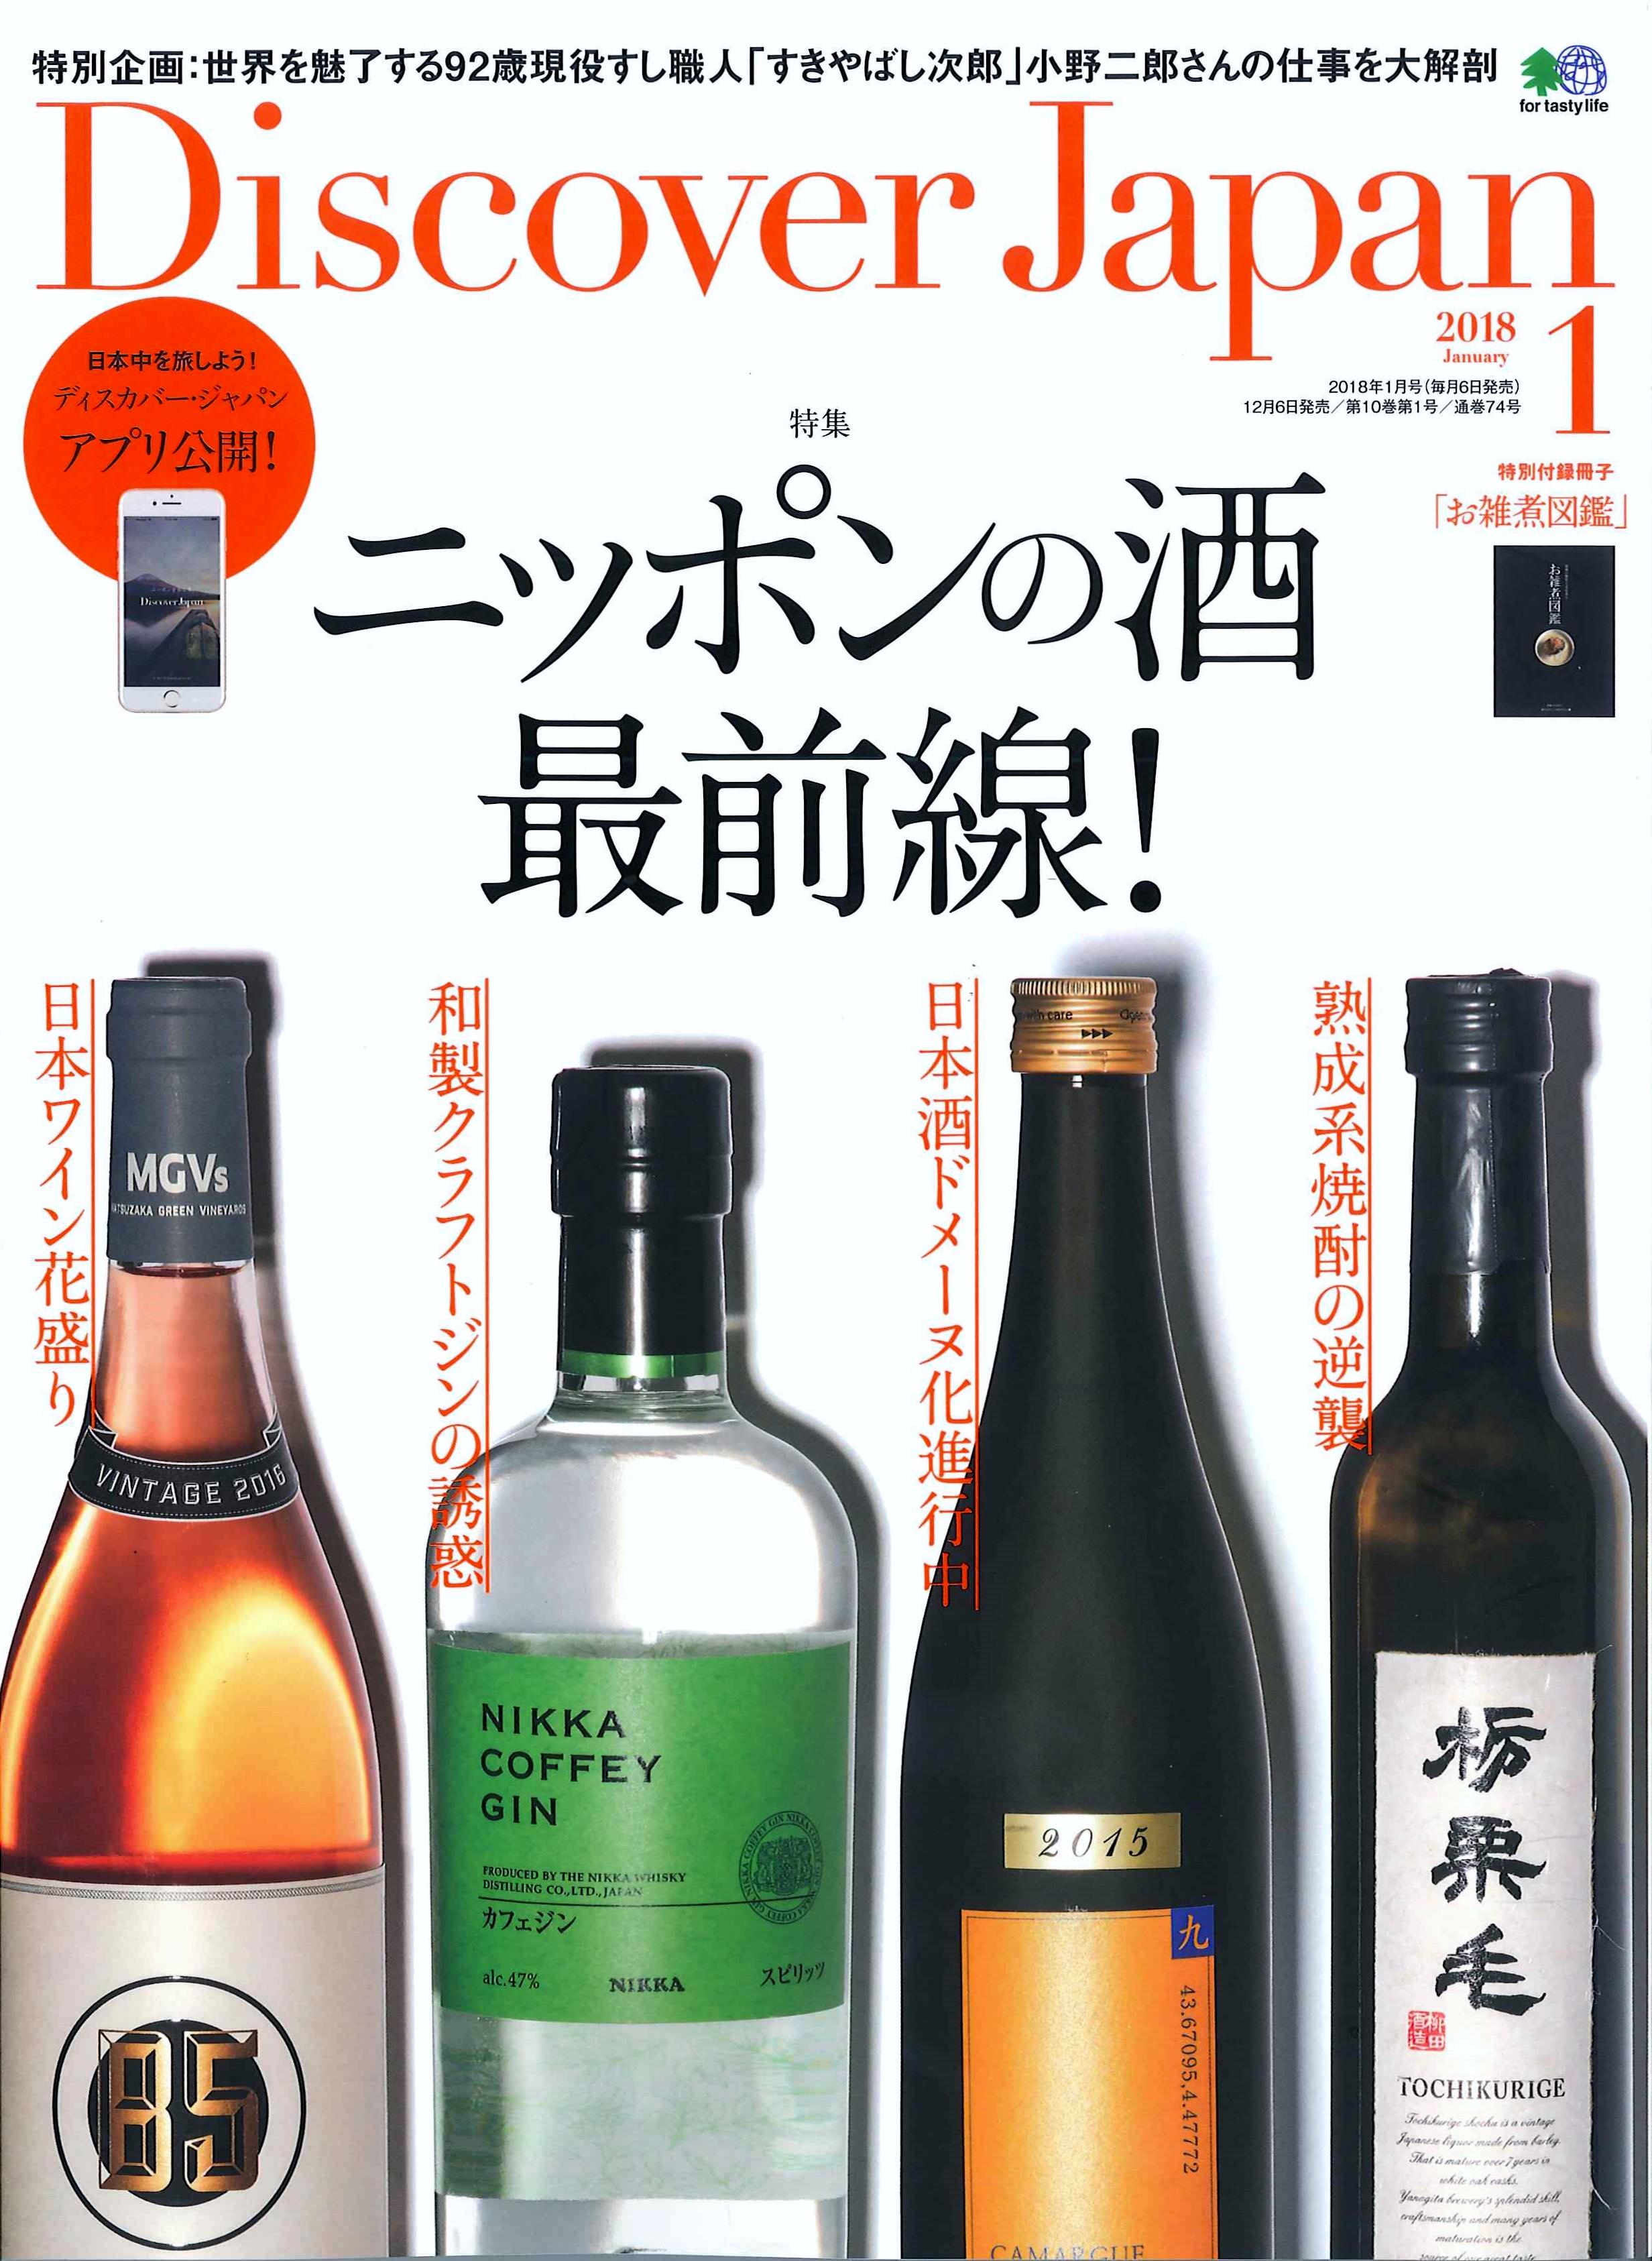 2018年1月号「Discover Japan」にカウチが掲載されました。